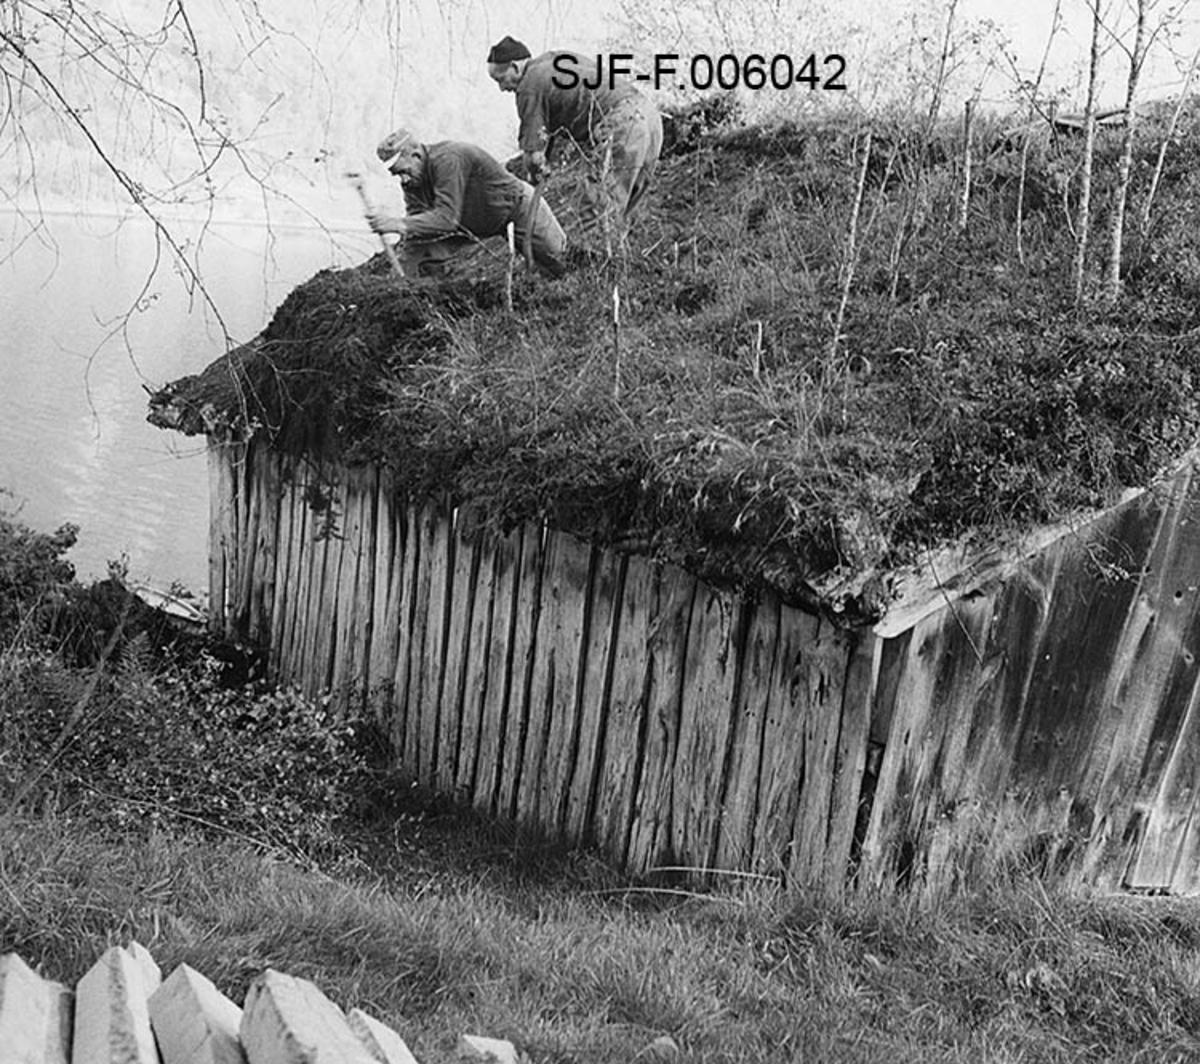 Naustet til Nikolai J. Gjesdal (1889-1973) ved Vassenden i Jølster i Sunnfjord i Sogn og Fjordane.  Fotografiet er tatt fra bakkekammen på oversida av bygningen, mot den ene av langveggene og den ene halvdelen av saltaket. Naustet er en umalt, bordkledd stavkonstruksjon med torvtekt sperretak.  På taket vokste det en god del lauvtrær da fotografiet ble tatt, noe som vel tyder på at det var ei stund siden taket ble lagt om da dette fotografiet ble tatt.  Det skjedde høsten 1968, da to arbeidskledde menn var i ferd med å spa ned torva fra taket.  Dette arbeidet ble gjort med henblikk på at naustet skulle demonteres og flyttes til Elverum, hvor det ble gjenoppført i Norsk Skogmuseums friluftsmuseum på Prestøya.  I forgrunnen til venstre ser vi endene på en del bjelker, i bakgrunnen vannspeilet på Jølstravatnet.   Jølsternaustet er 790 centimeter langt og 456 centimeter bredt og har følgelig ei grunnflate på 36 kvadratmeter.  På gavlen mot vassdraget er rafthøyden 217 og mønehøyden 365 centimeter.  På den bakre eller vestre gavlen er rafthøyden 125 og mønehøyden 258 centimeter.